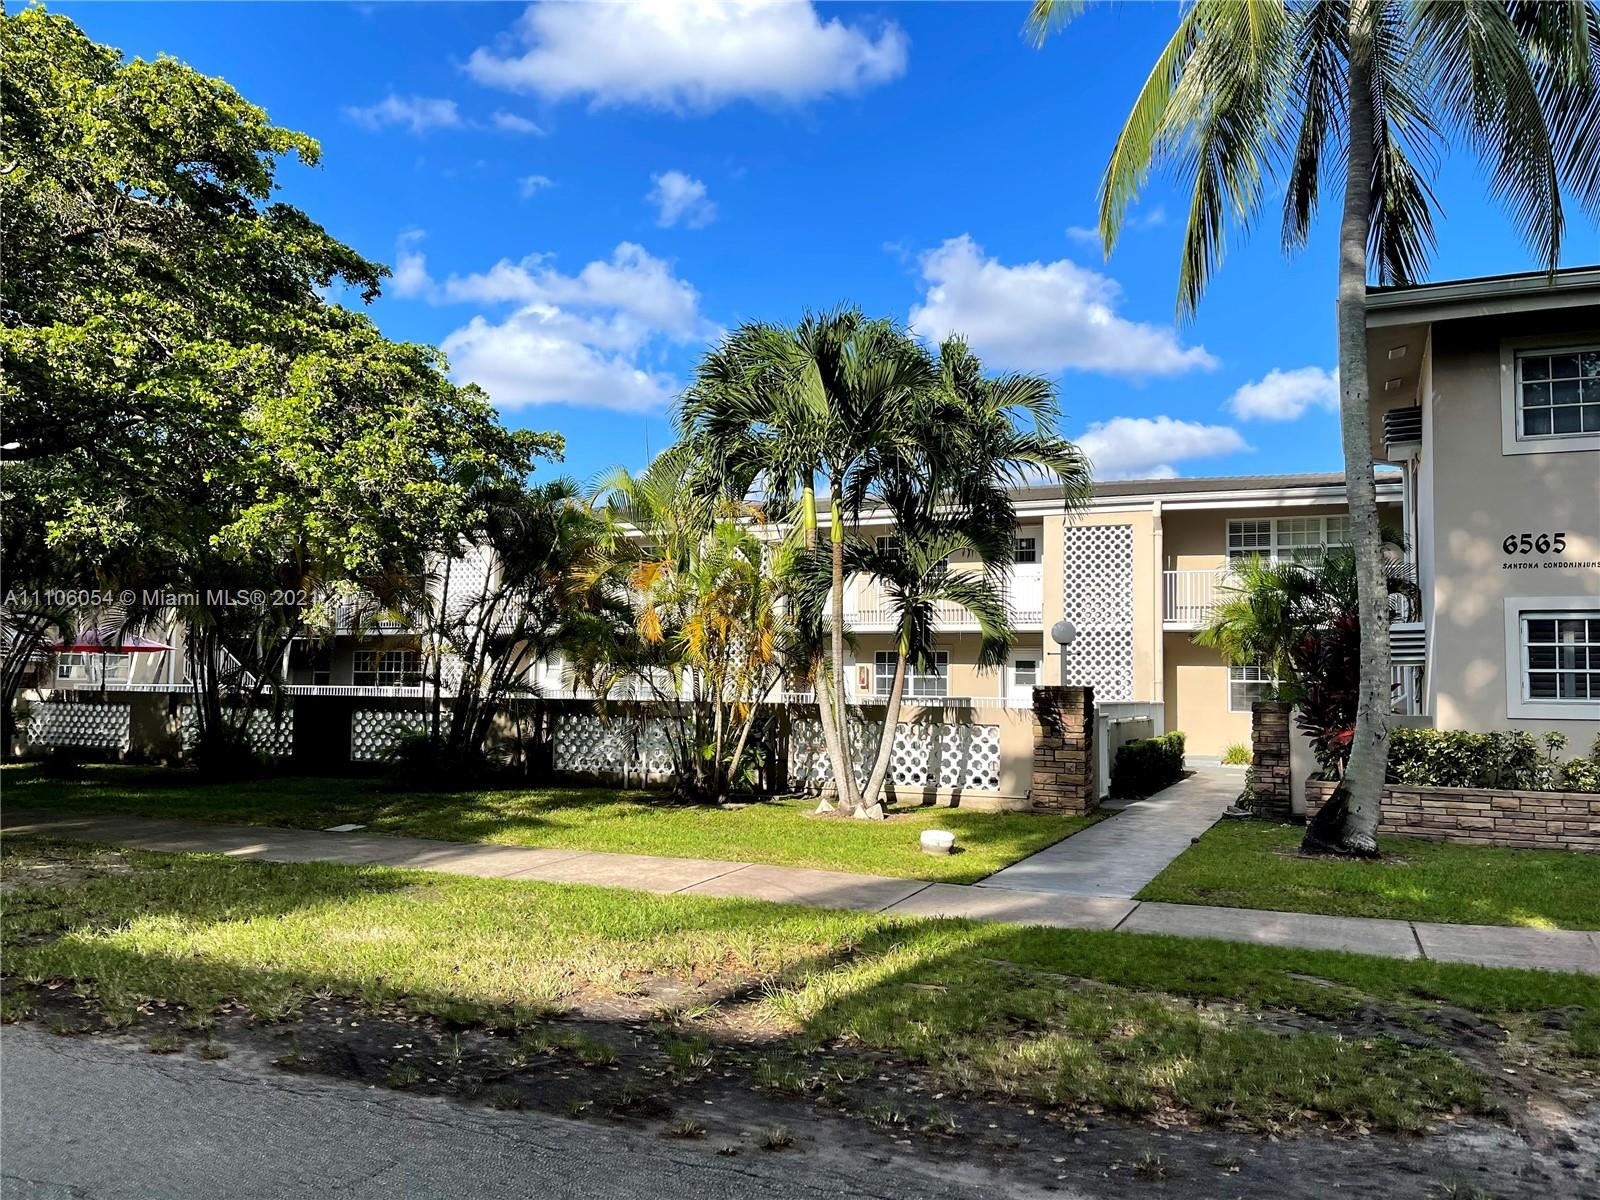 6565 Santona St #B3, Coral Gables, FL 33146 - #: A11106054